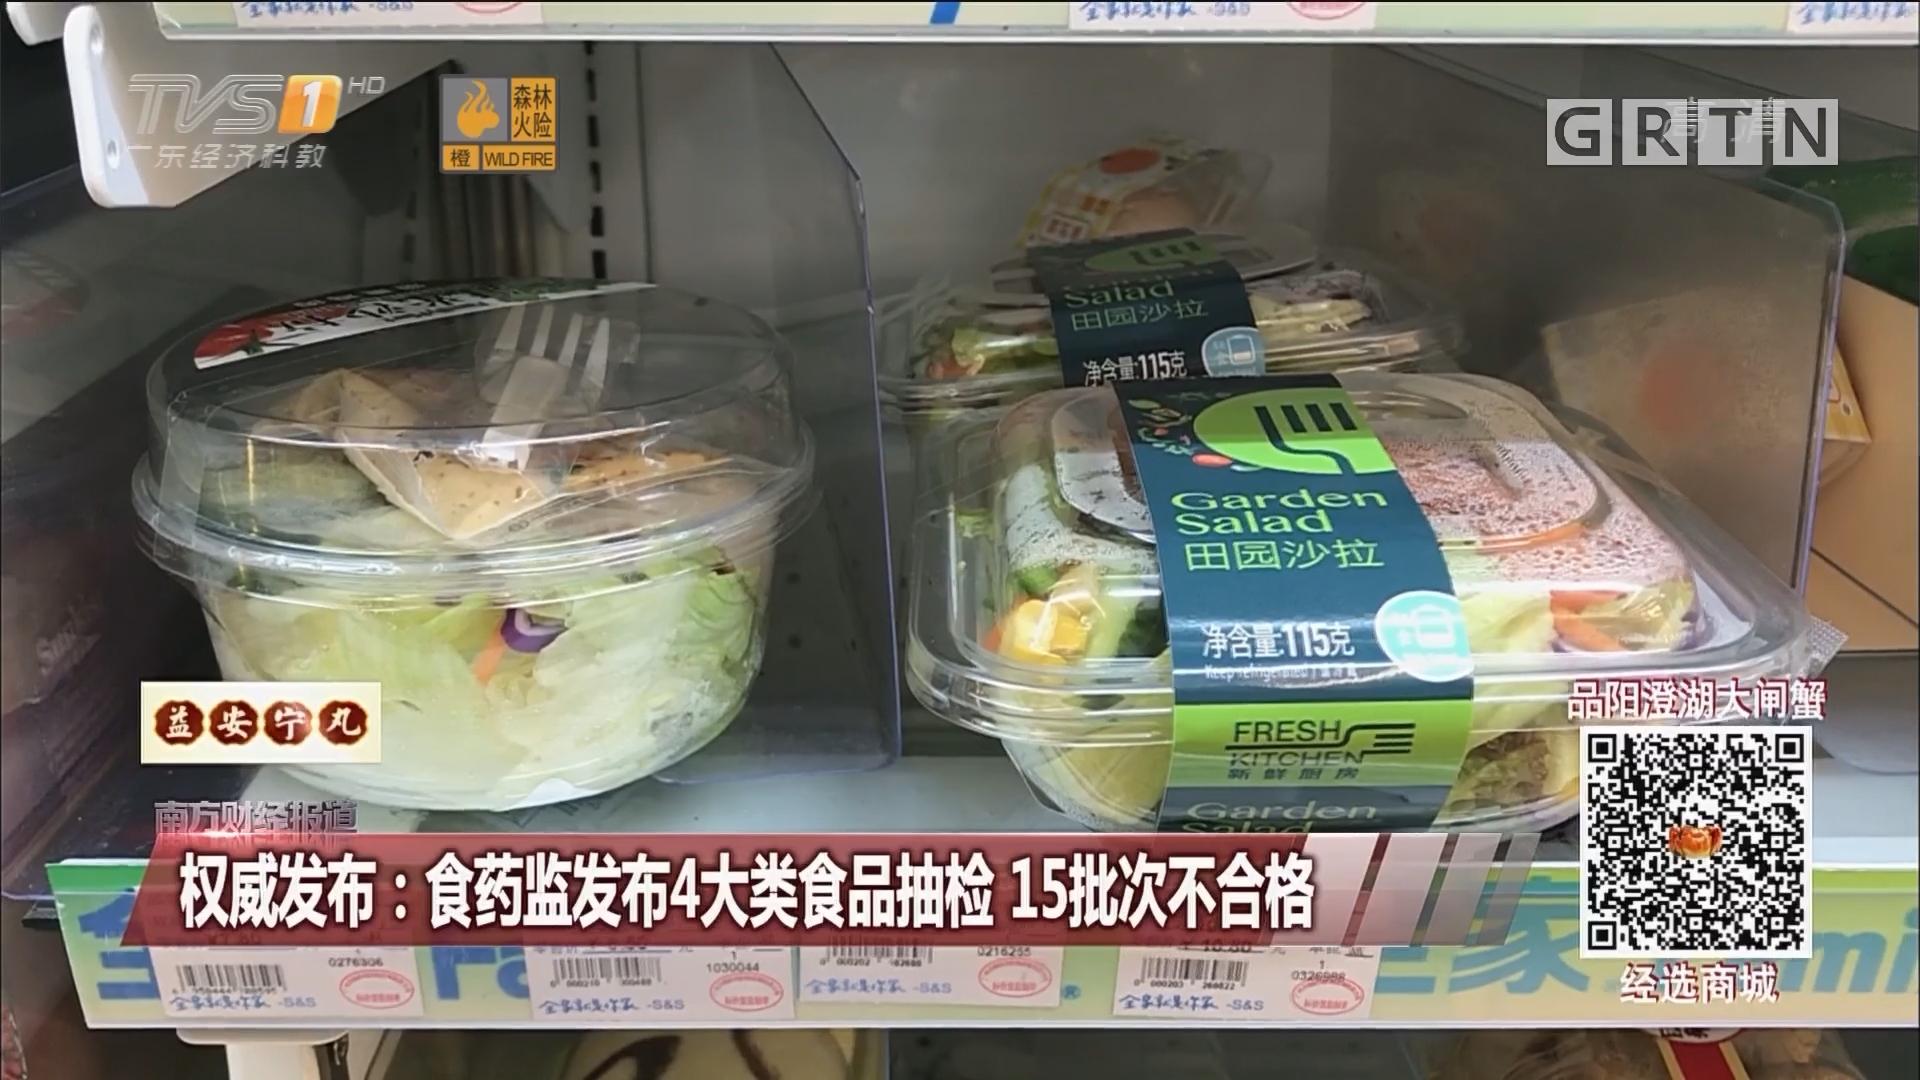 权威发布:食药监发布4大类食品抽检 15批次不合格